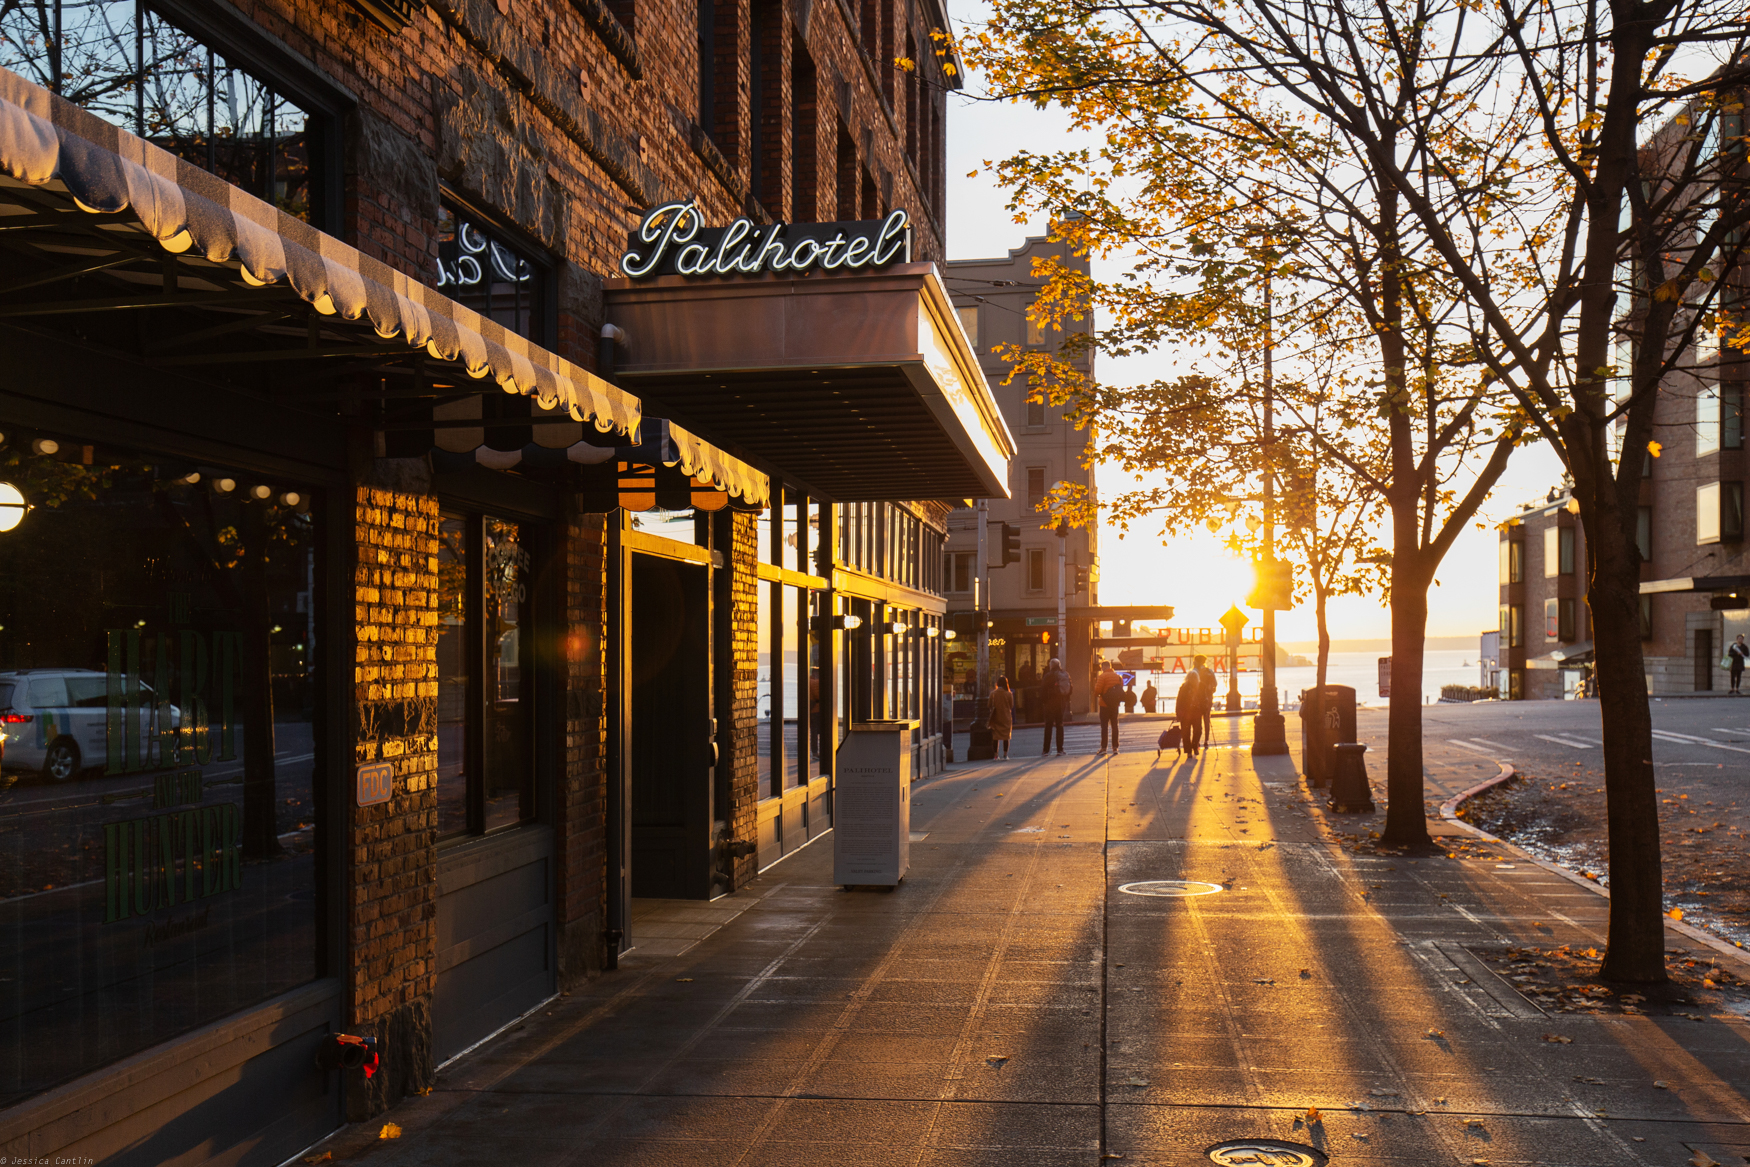 Palihotel Seattle  (photo courtesy of Palihotel)